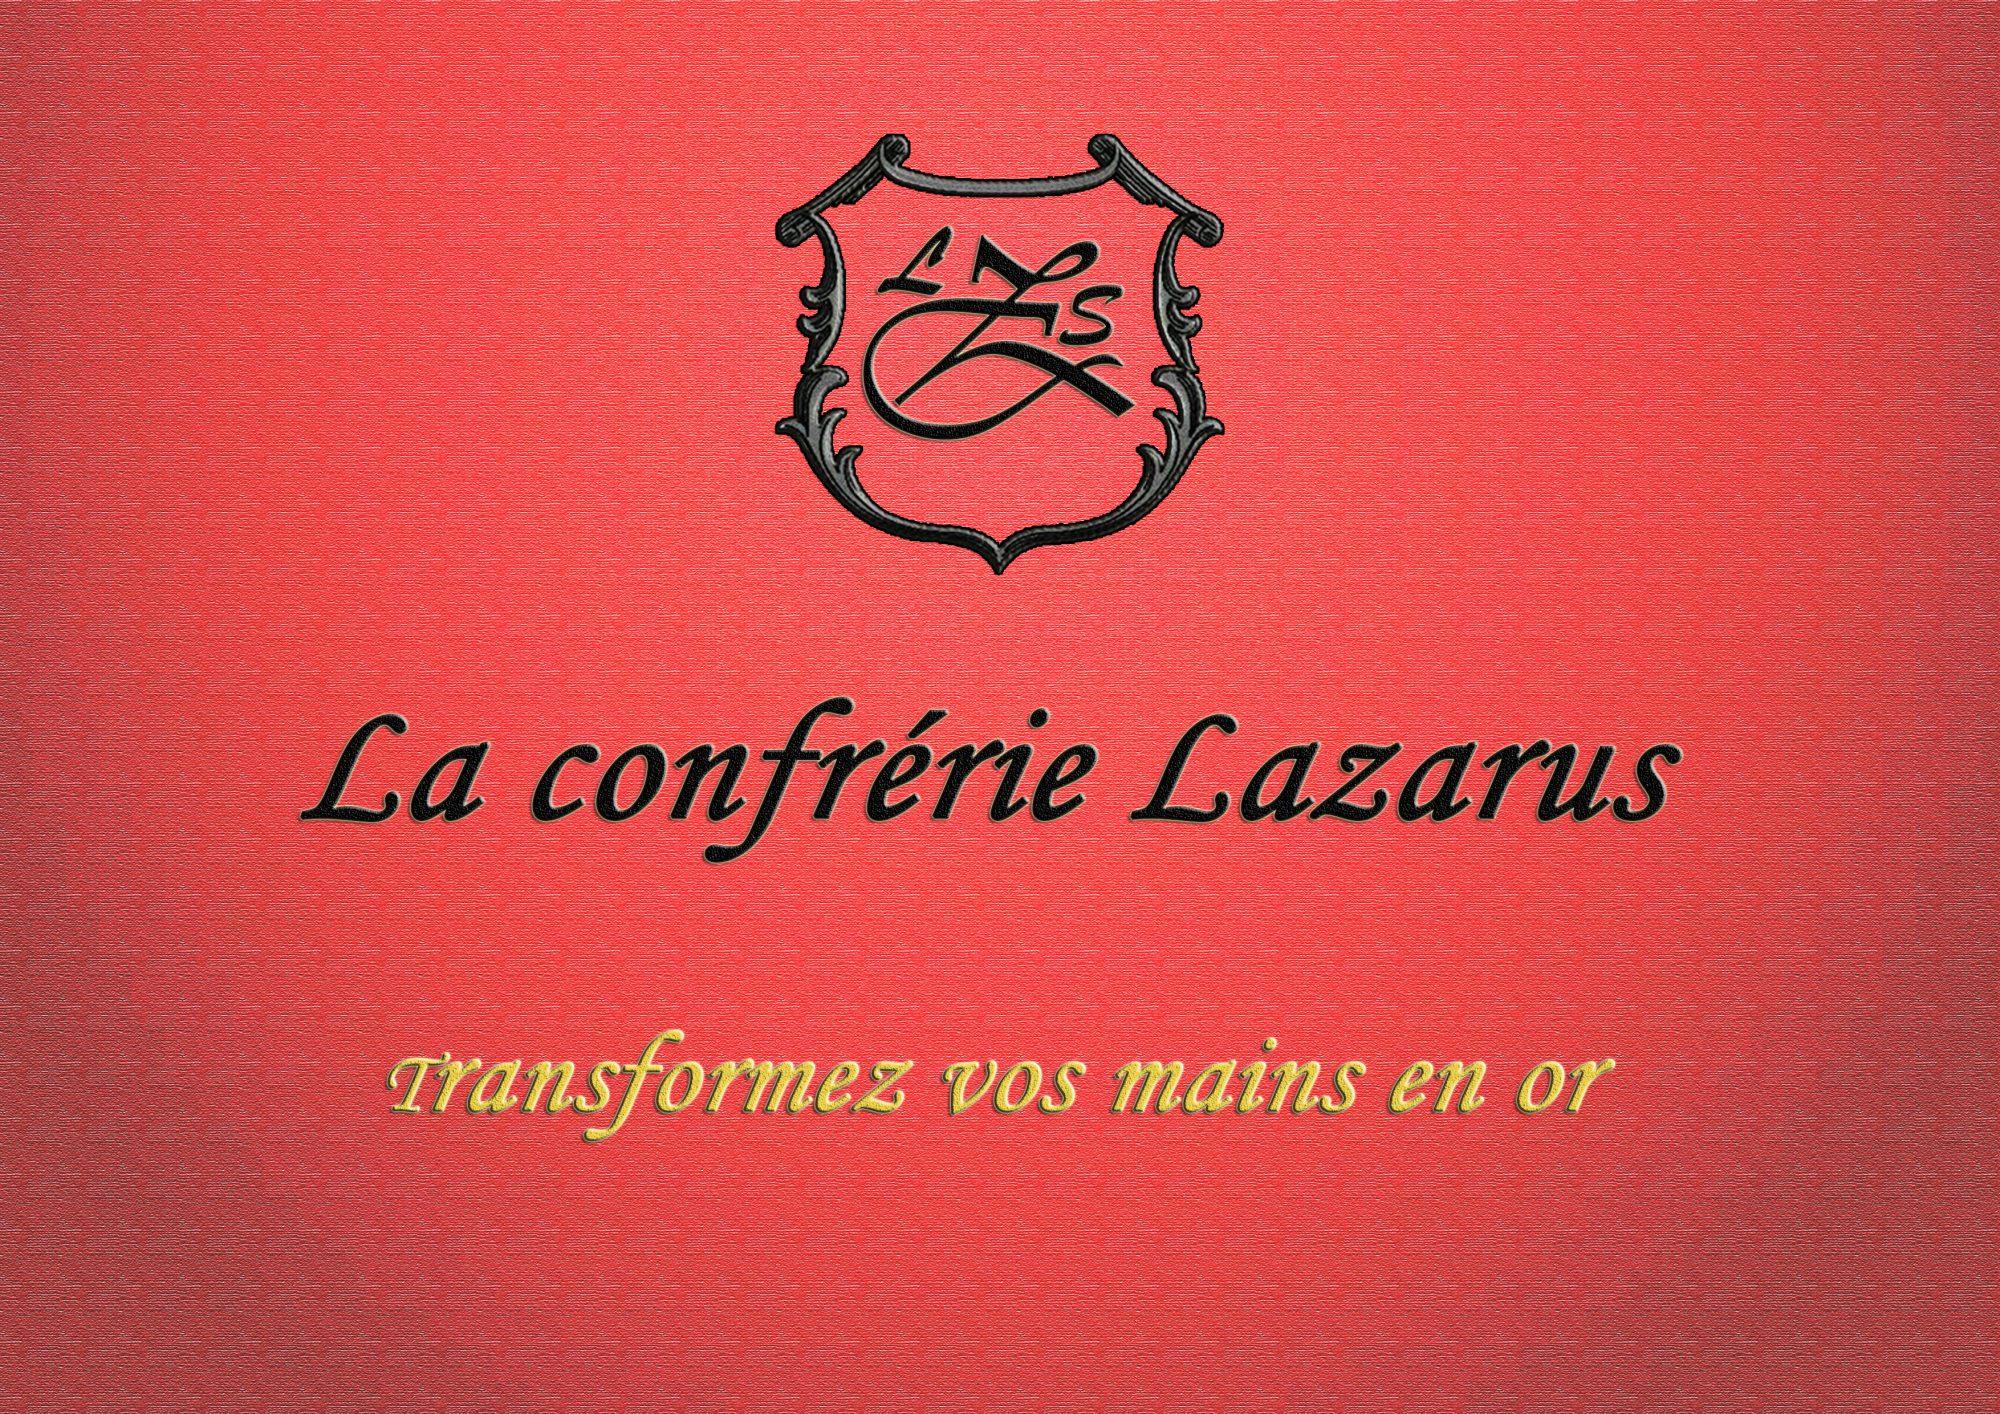 La confrérie lazarus